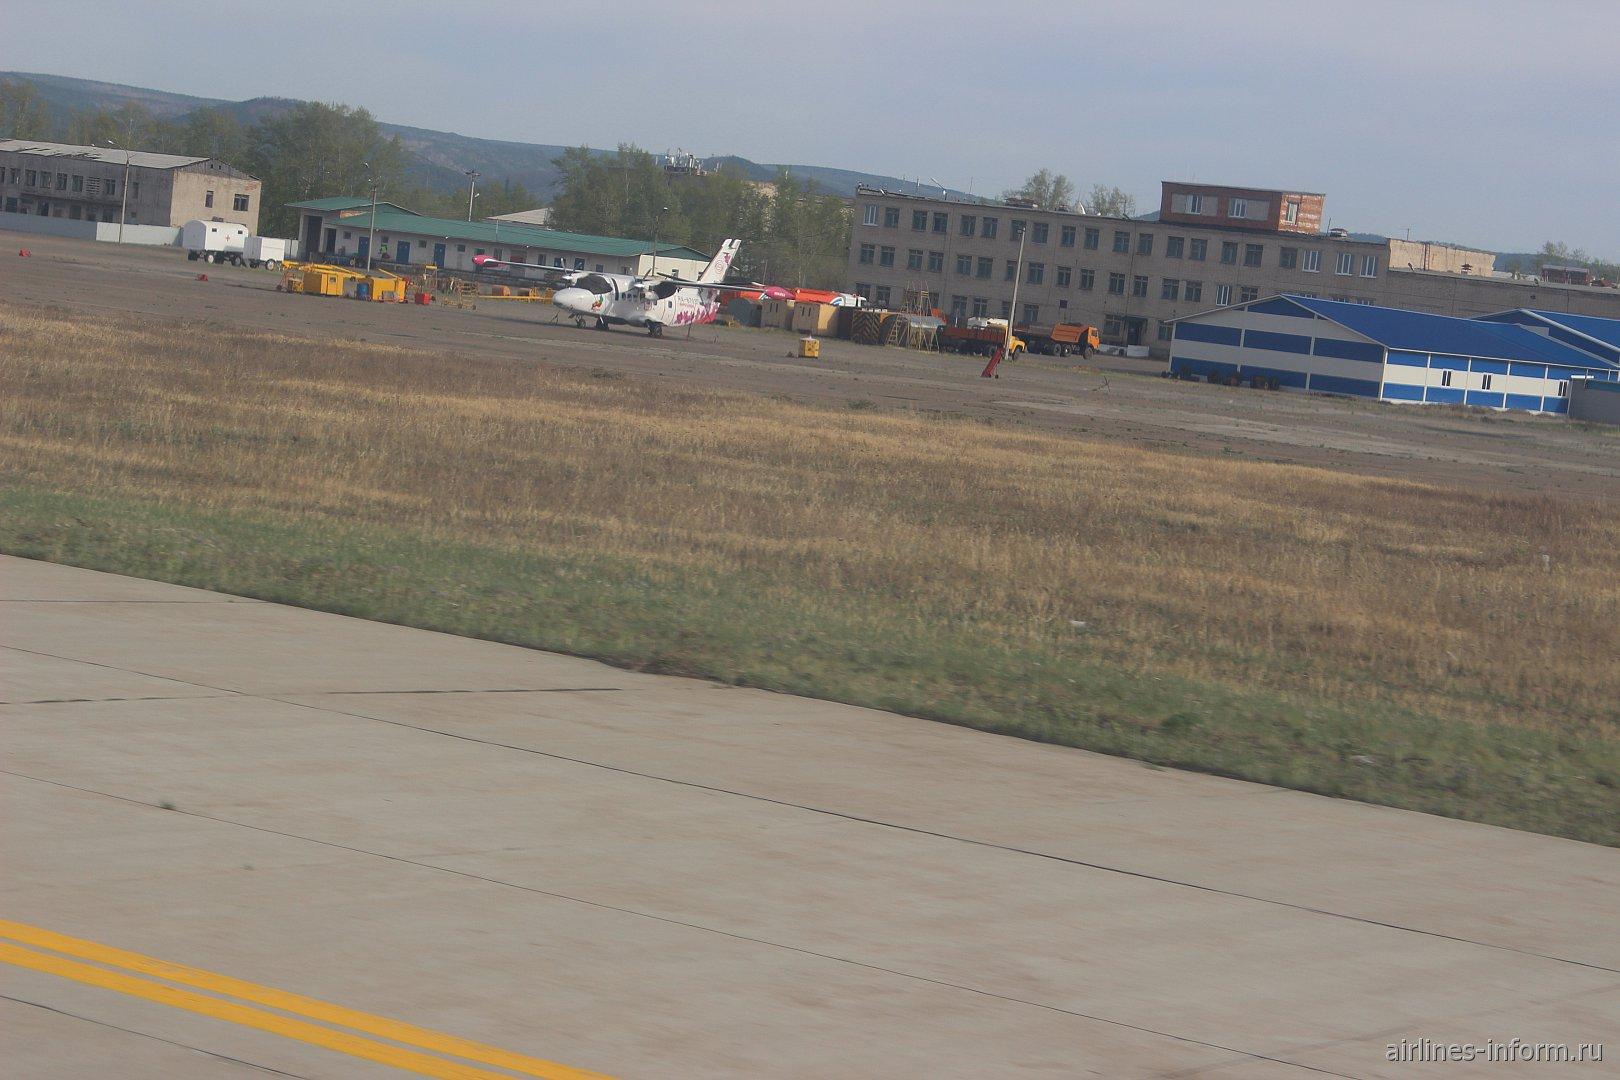 L-410 Аэросервич в аэропорту Читы